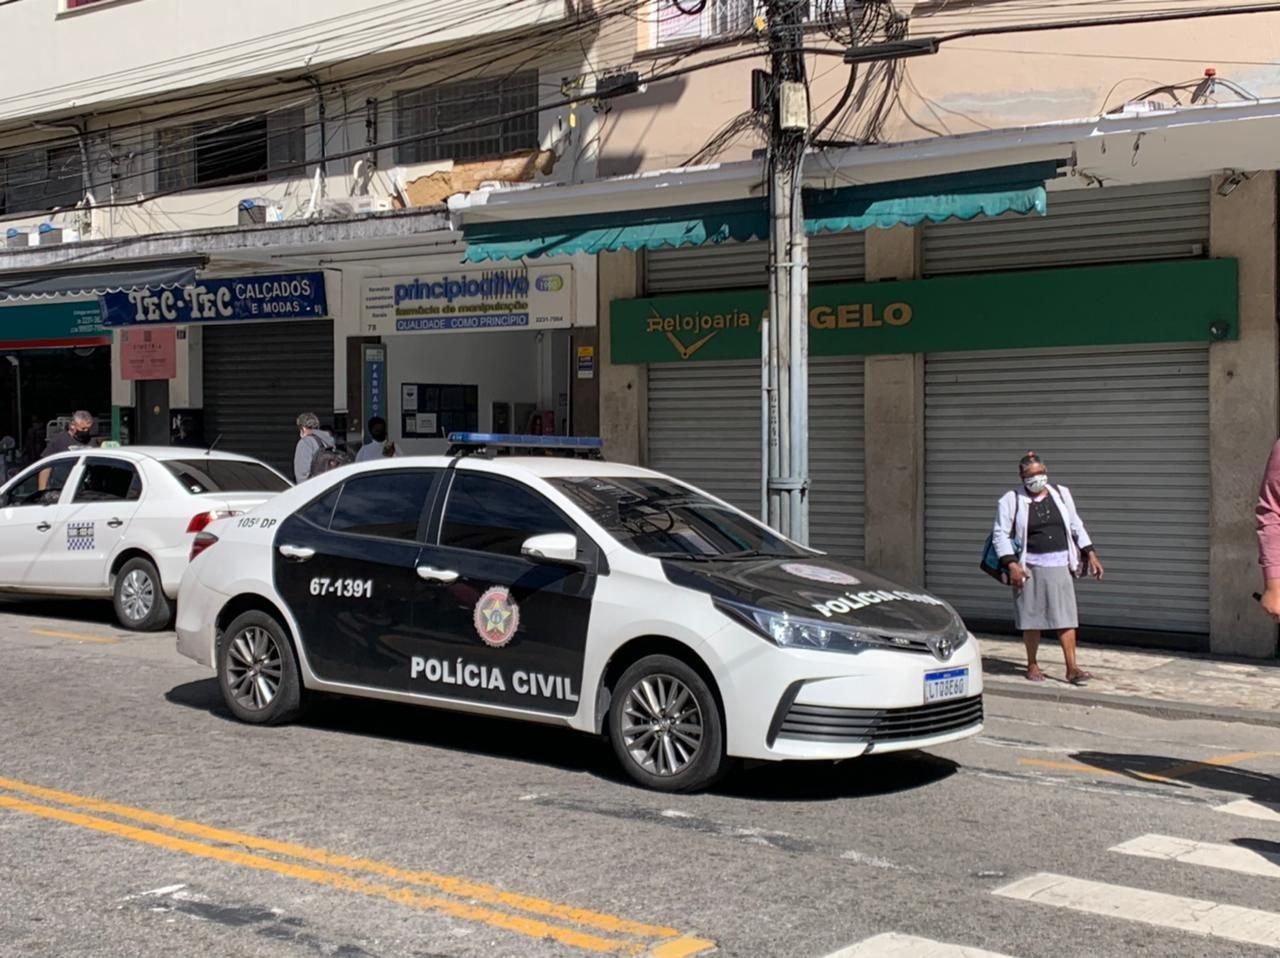 Homem suspeito de liderar quadrilha de roubos a joalherias é preso em Petrópolis, RJ; quinto suspeito está foragido